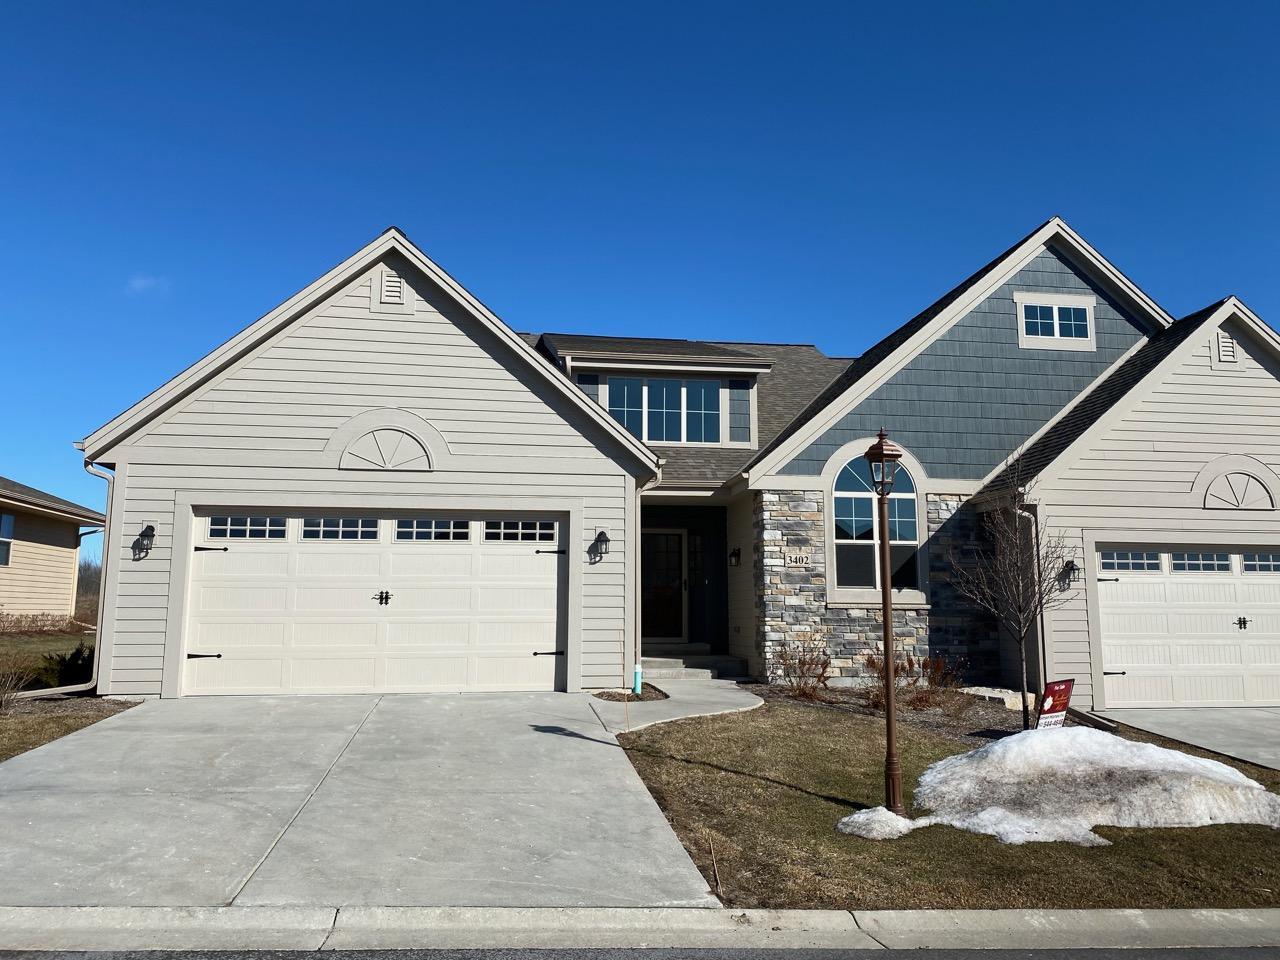 3402 Walnut Trl, Waukesha, Wisconsin 53189, 2 Bedrooms Bedrooms, ,2 BathroomsBathrooms,Condominiums,For Sale,Walnut Trl,1,1679684